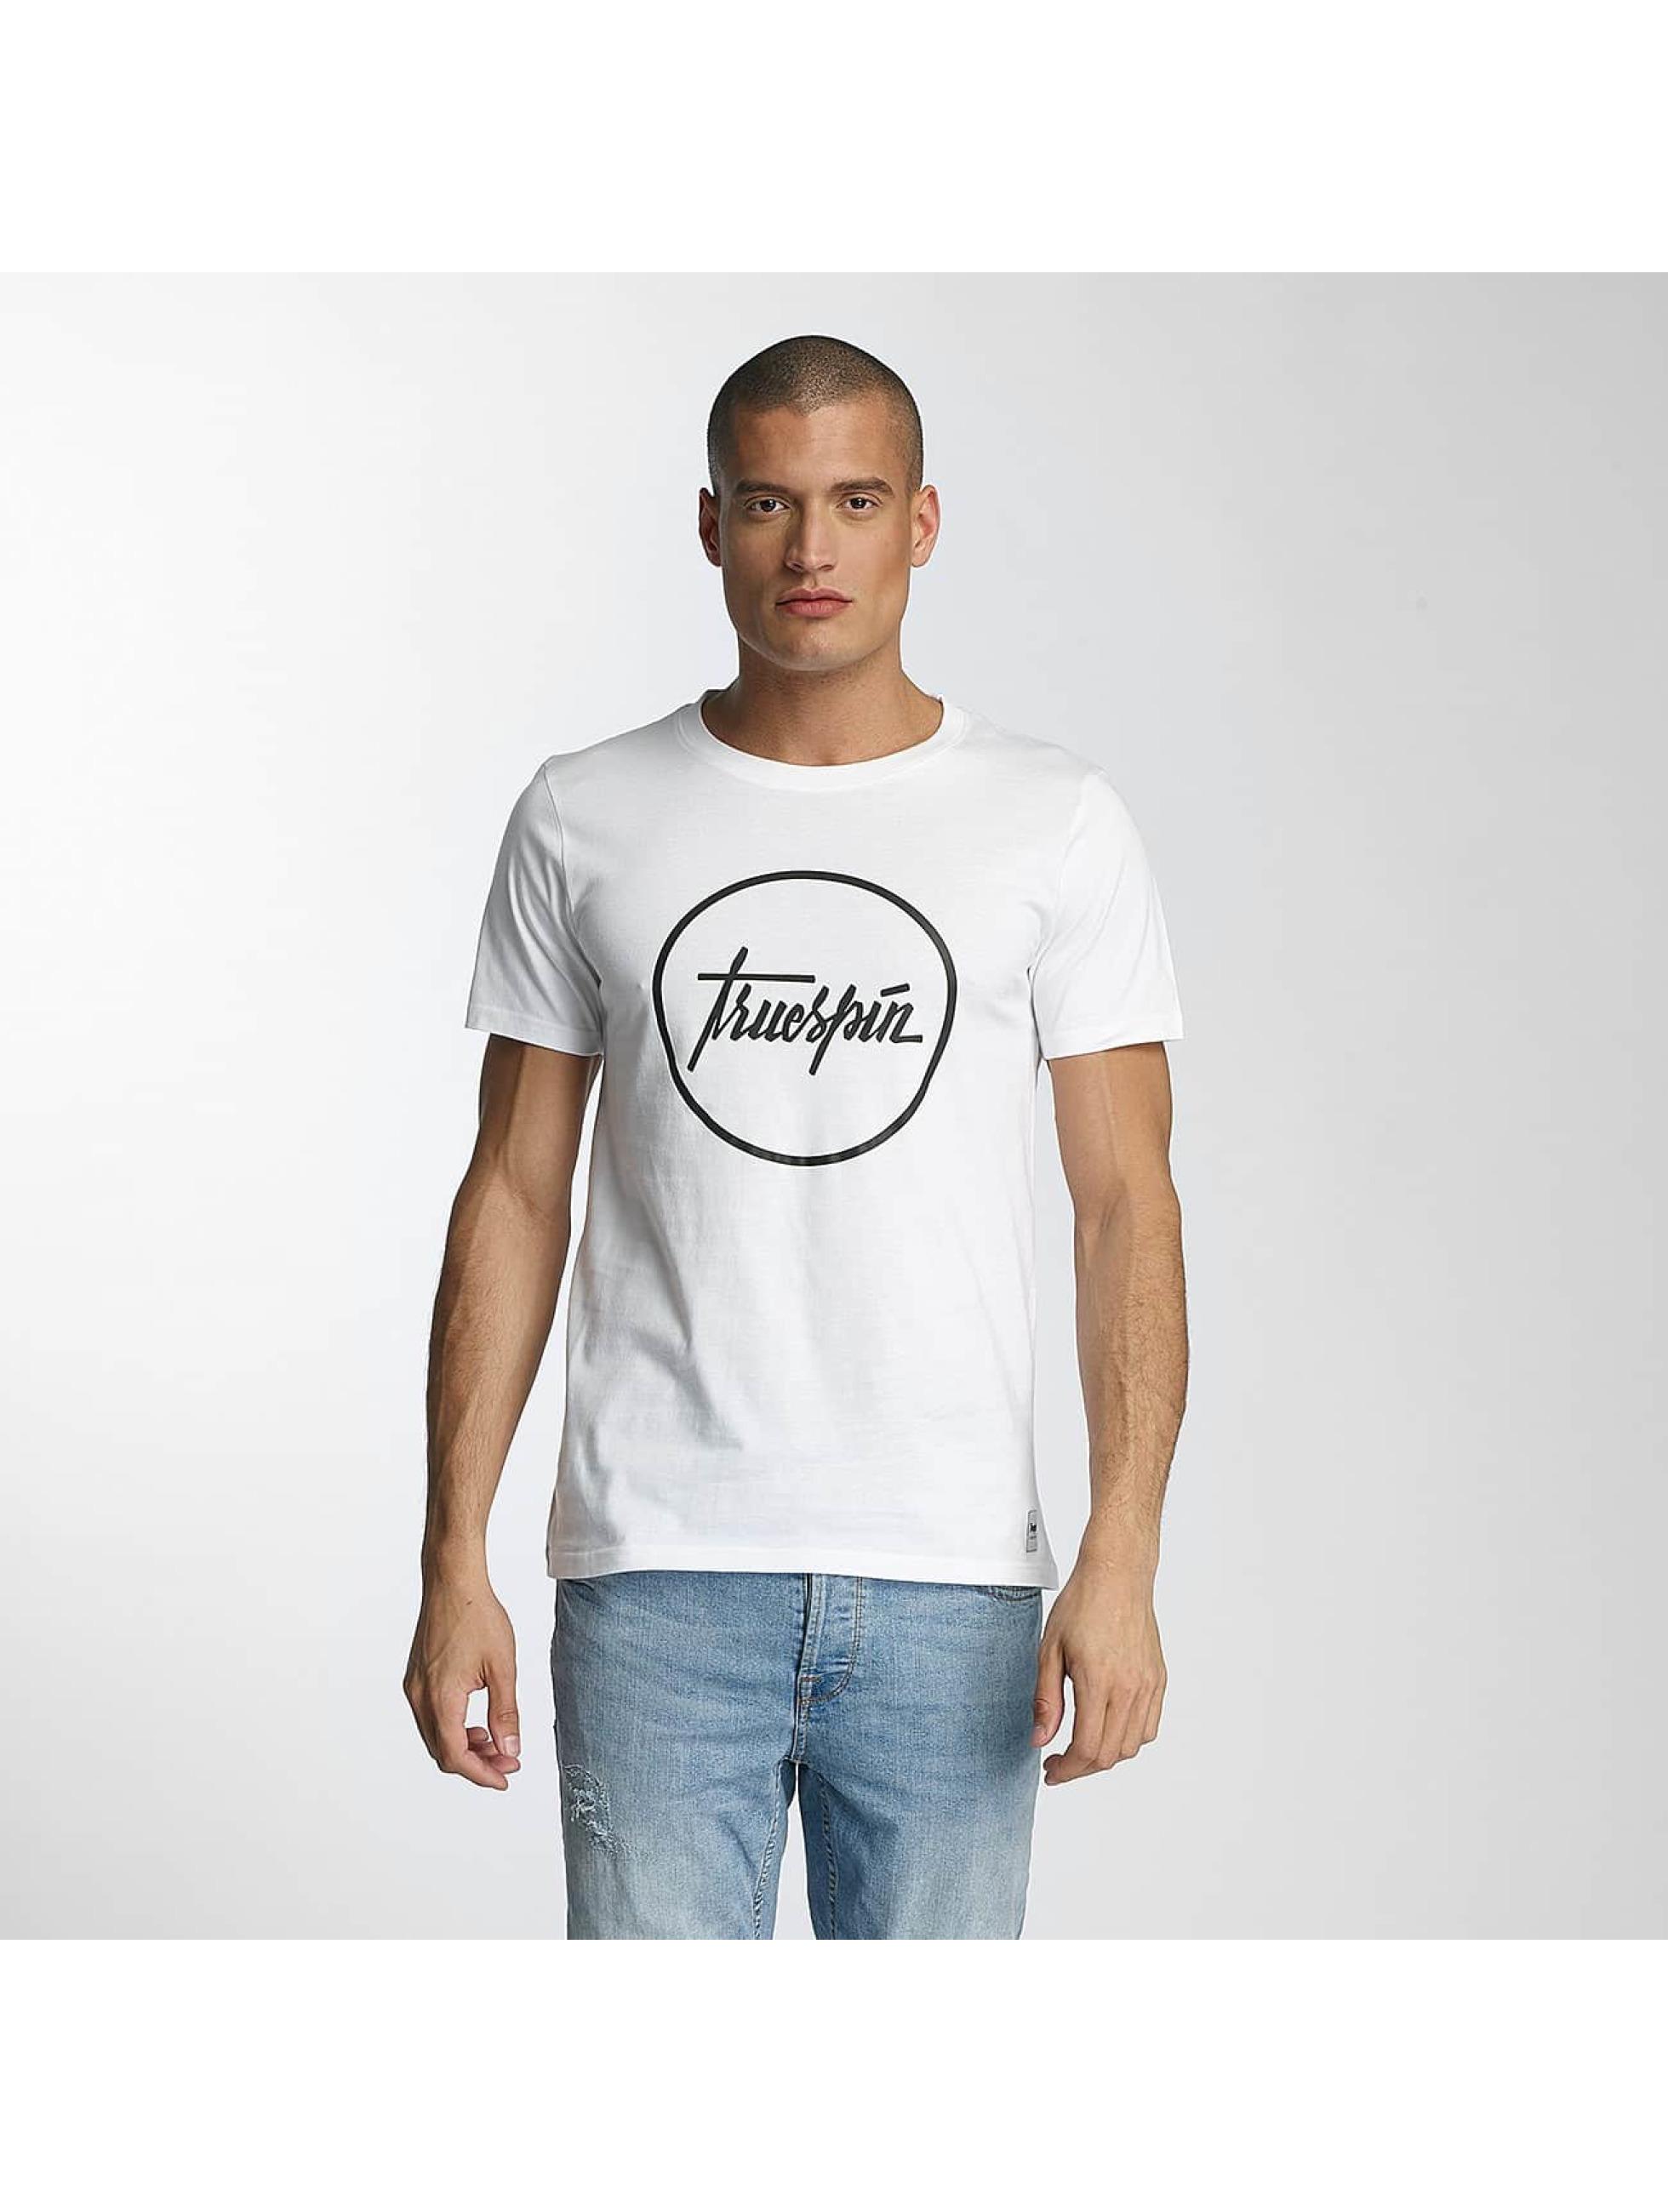 TrueSpin-Uomini-Maglieria-T-shirt-5